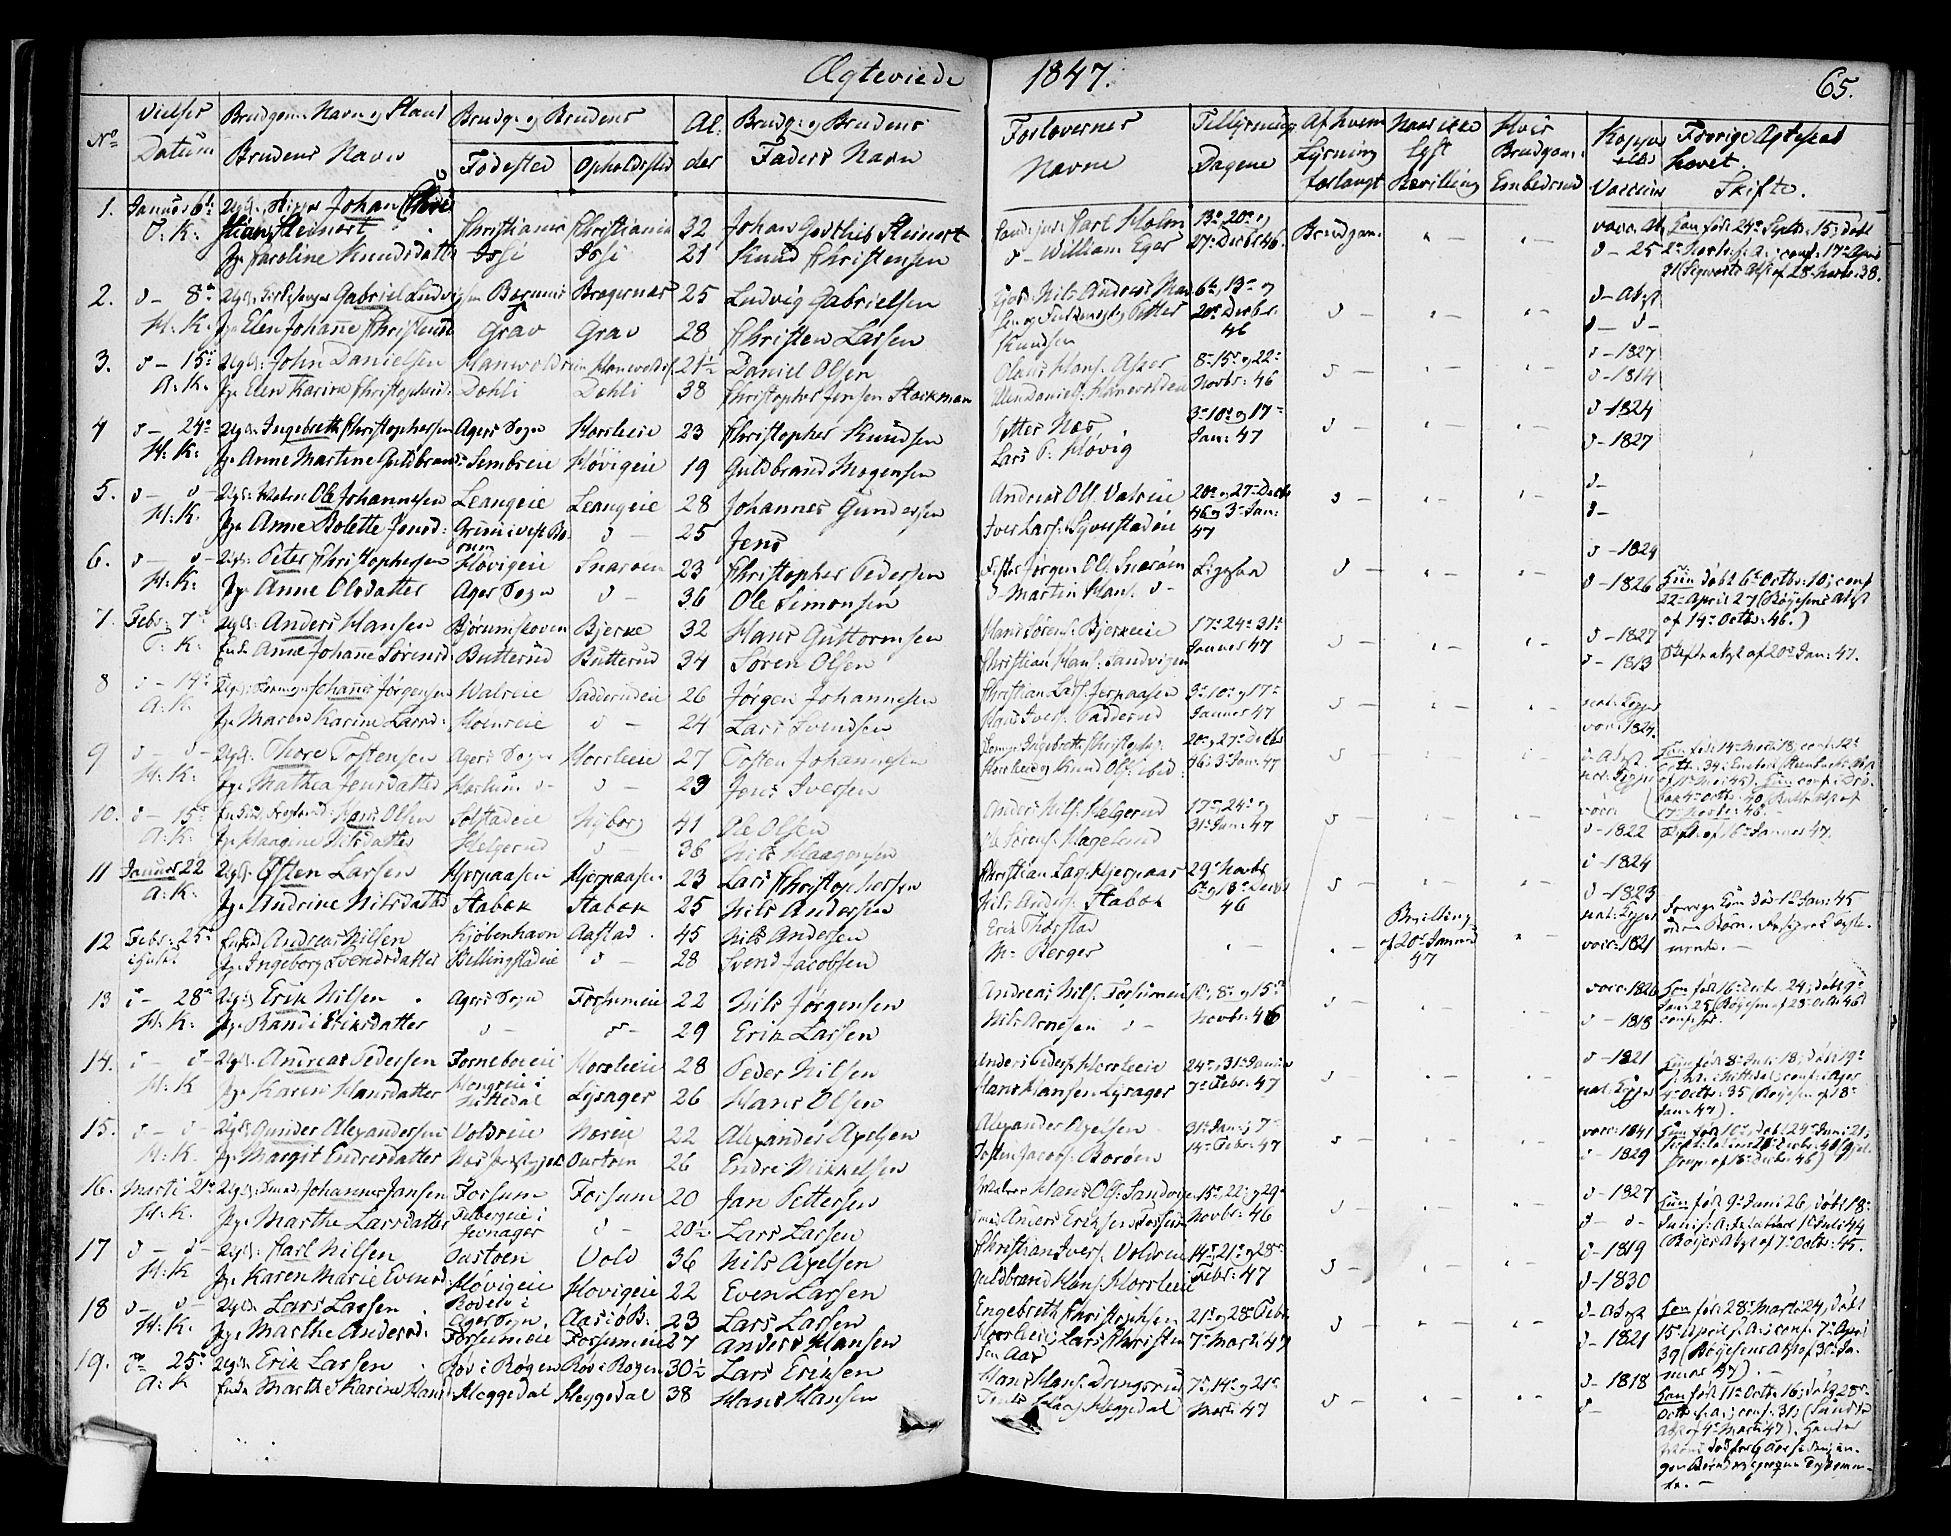 SAO, Asker prestekontor Kirkebøker, F/Fa/L0010: Ministerialbok nr. I 10, 1825-1878, s. 65